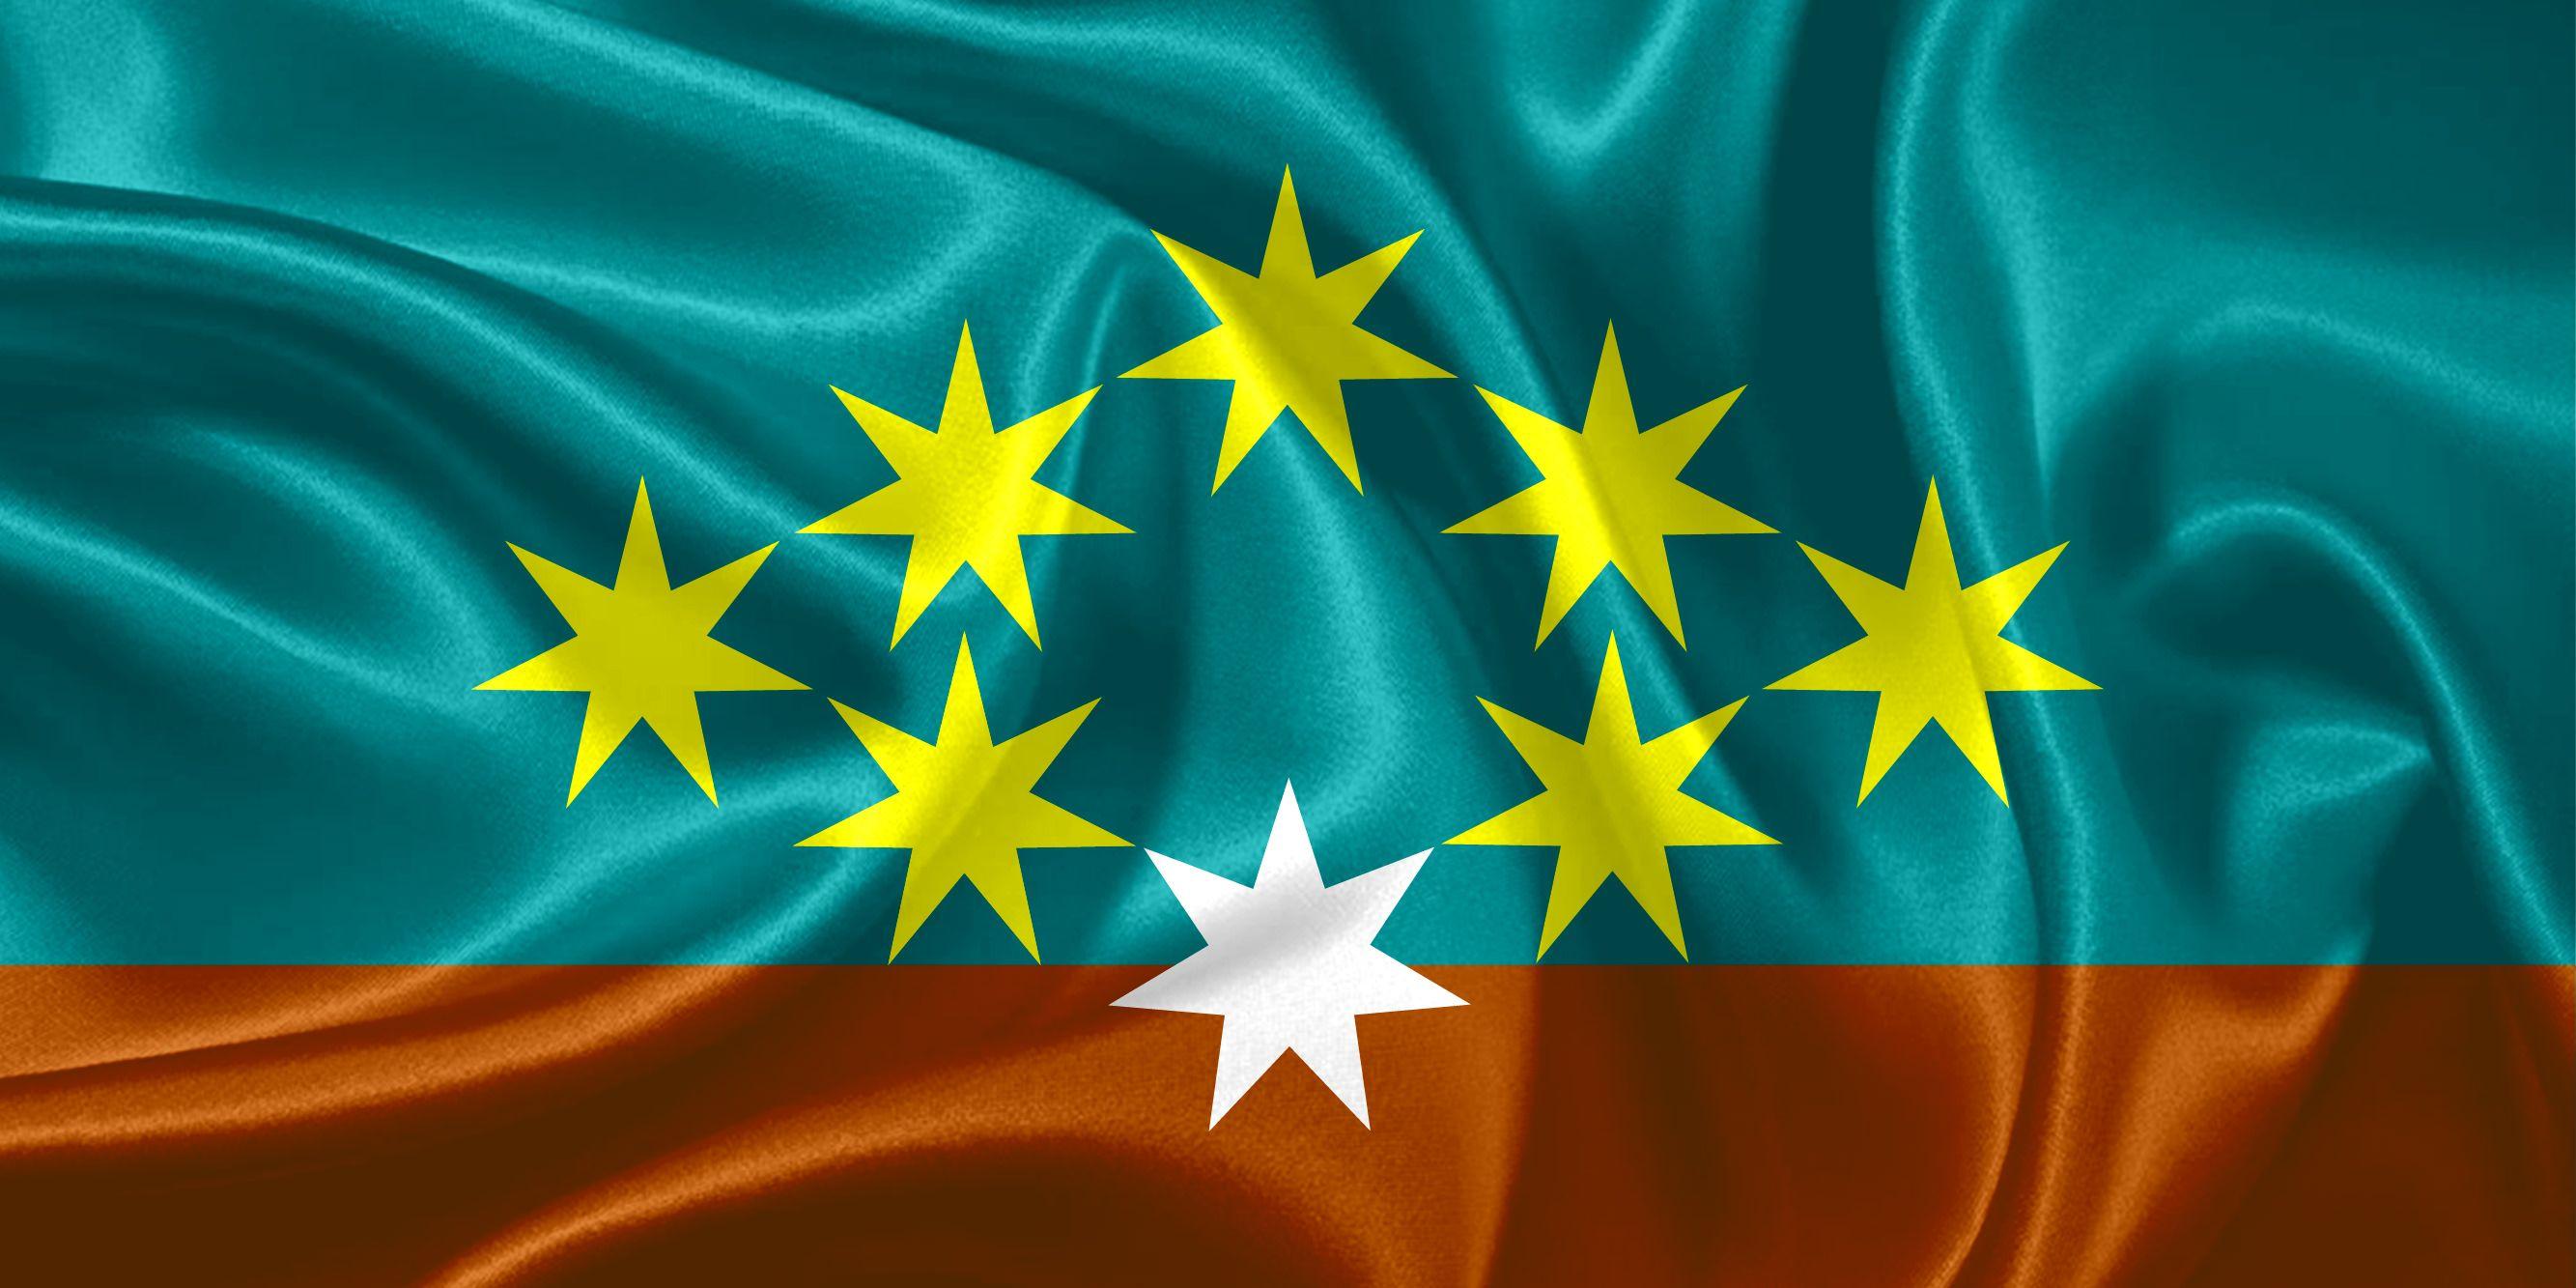 New Australian Flag Design UluruSky 18-GoldenDiamond8-TurqOchreIron ...